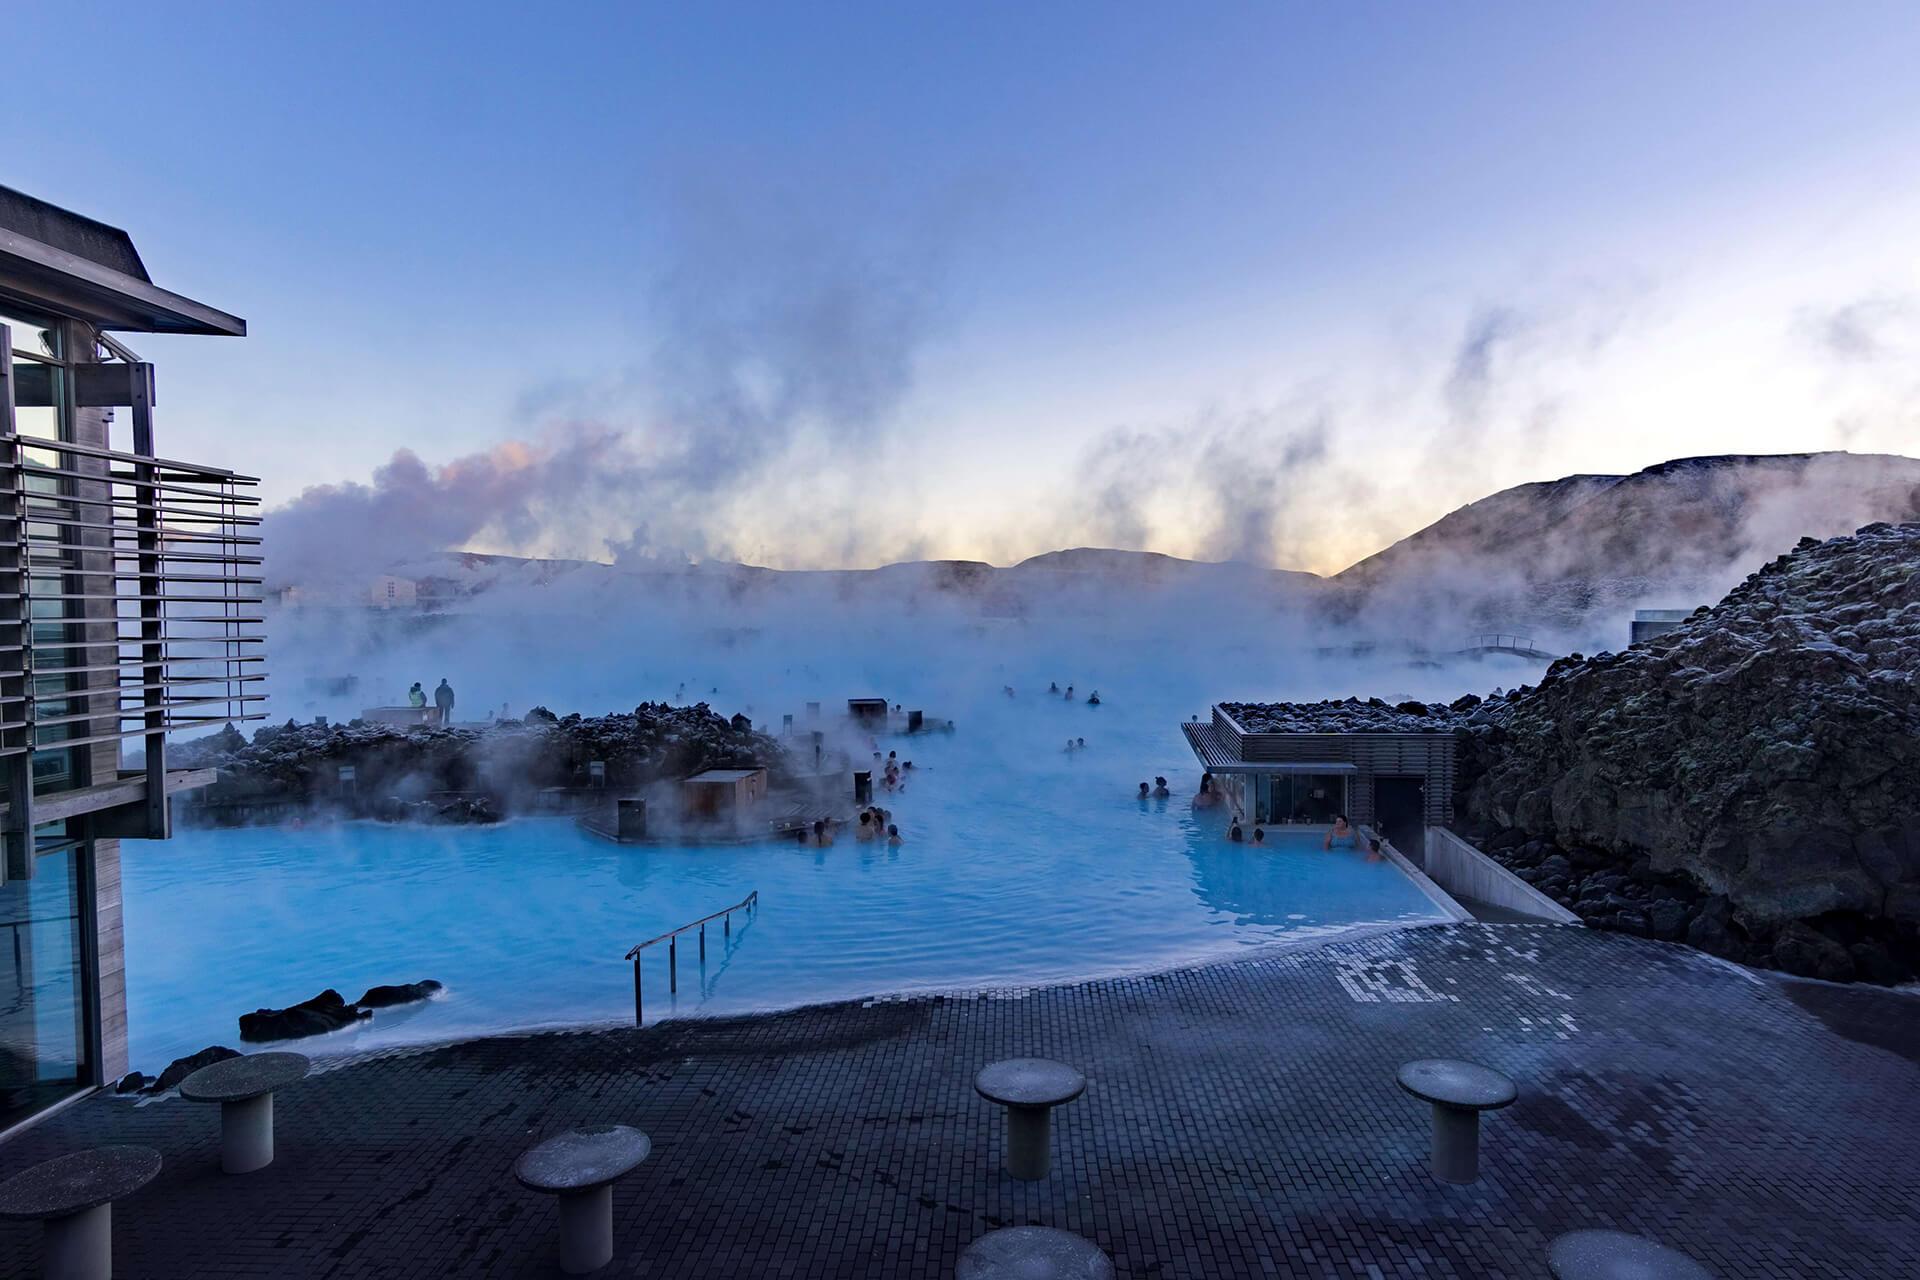 البحيرة الزرقاء (بلو لاغون) - أيسلندا - الطبيعة الساحرة في آيسلندا